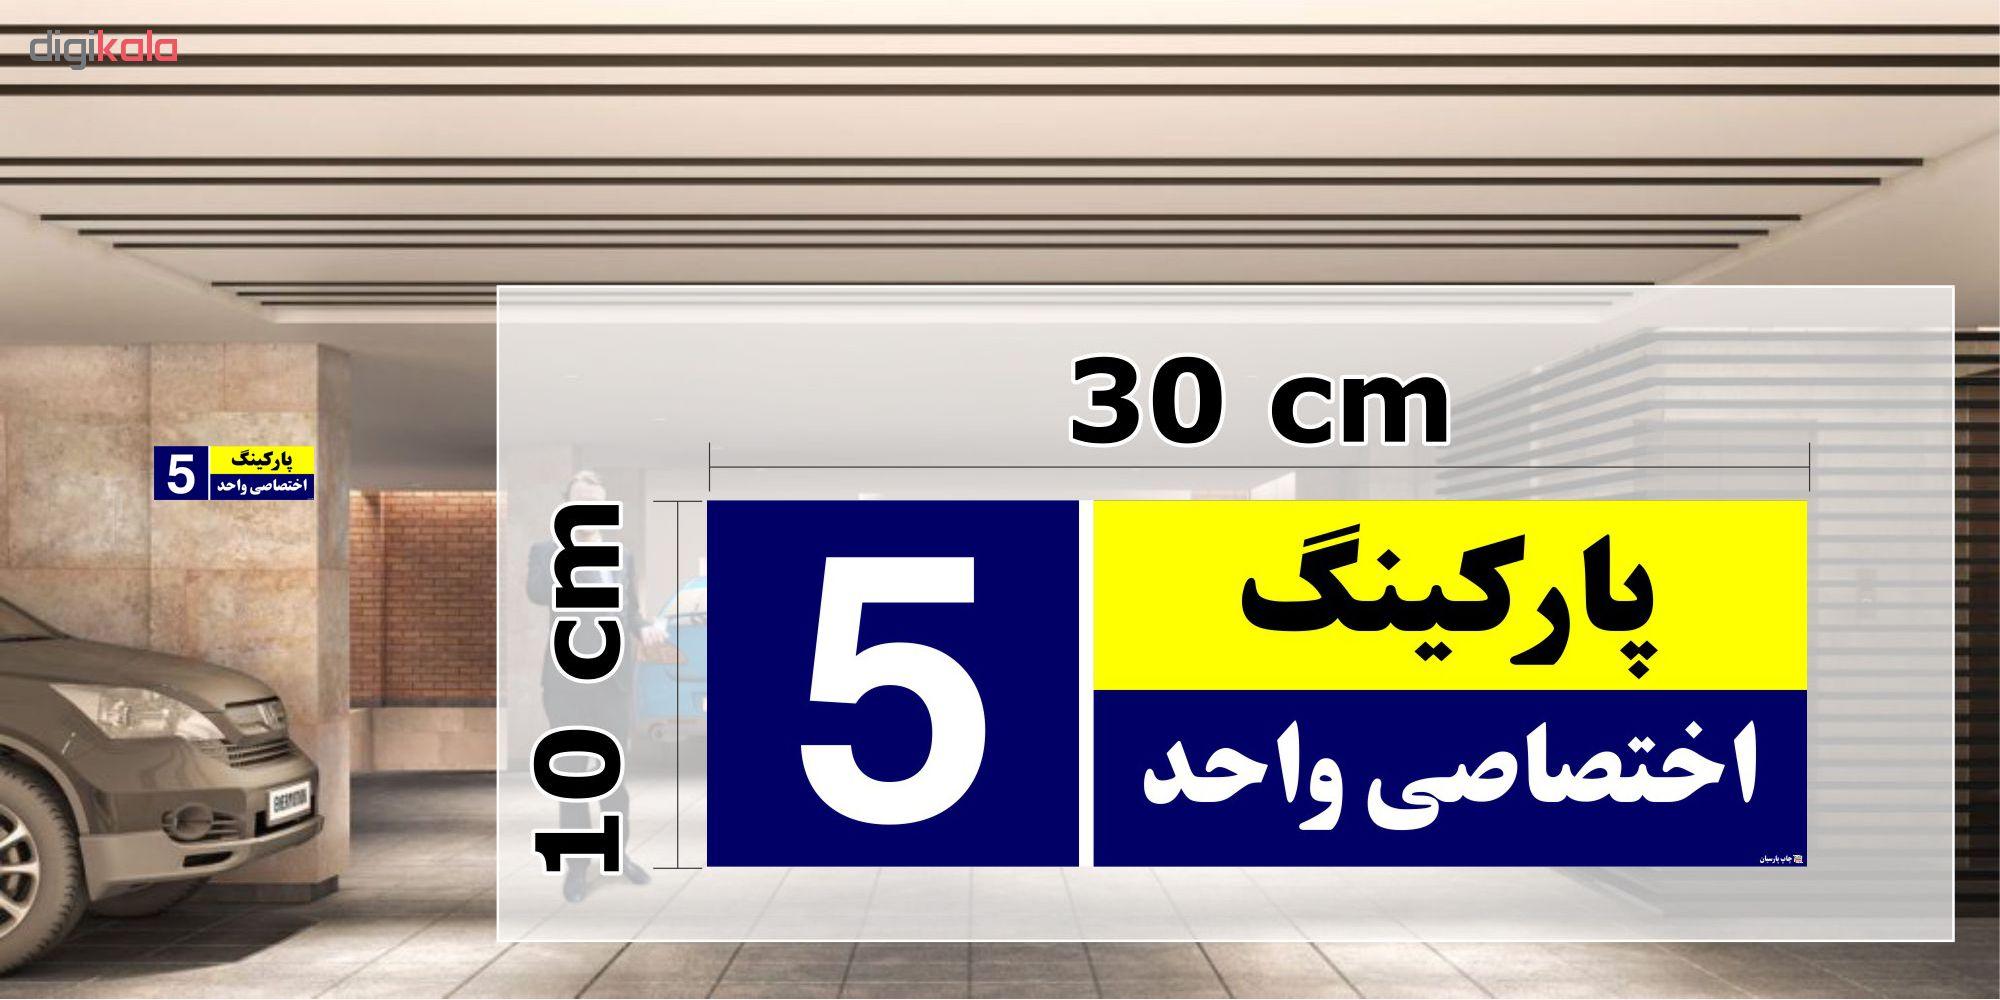 تابلو نشانگر چاپ پارسیان طرح شماره پارکینگ اختصاصی واحد 5